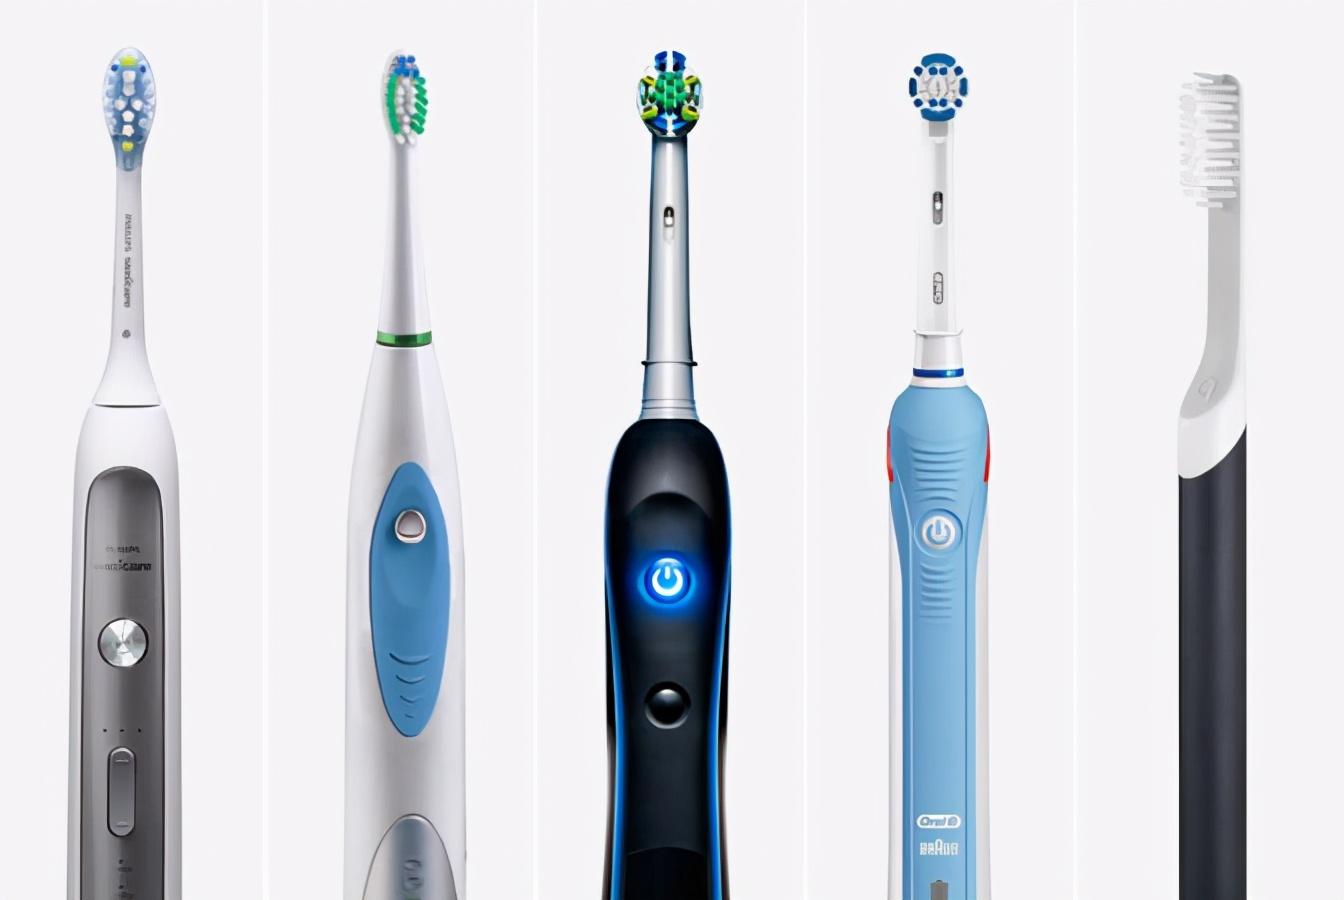 电动牙刷不能走粗放式老路,飞利浦也有明显短板需要破解